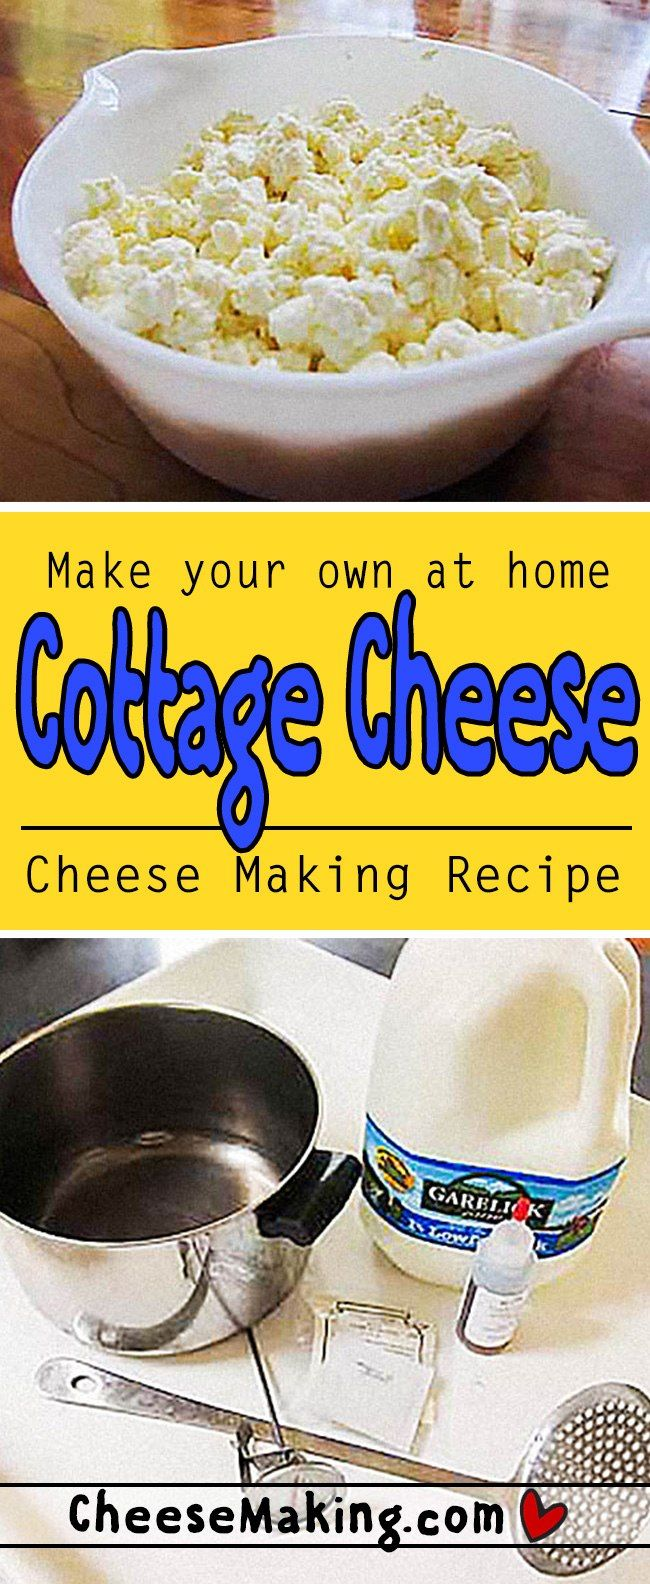 Это легко сделать свой собственный творог в домашних условиях.  С помощью этого фантастического рецепта вы можете насладиться свежим домашним творогом в кратчайшие сроки.  Он даже включает в себя историю и забавные факты о творогом!  Cheesemaking.com